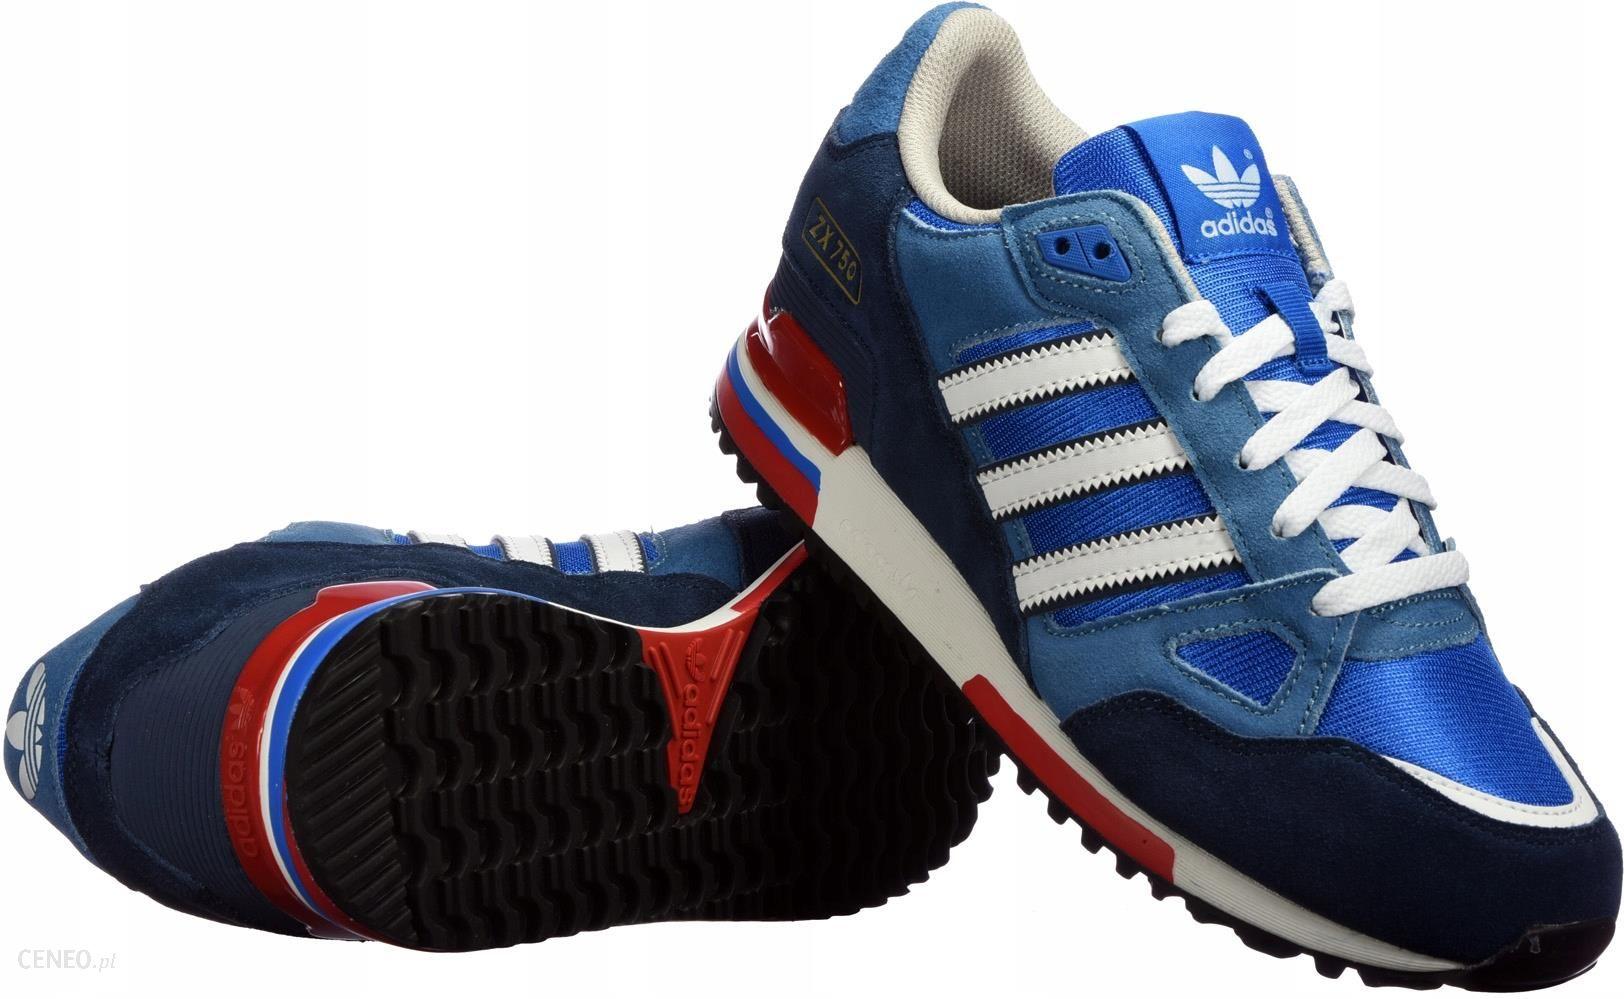 3810b637a ... promo code for buty mskie adidas zx 750 g96718 niebieskie r. 43 zdjcie  1 43f12